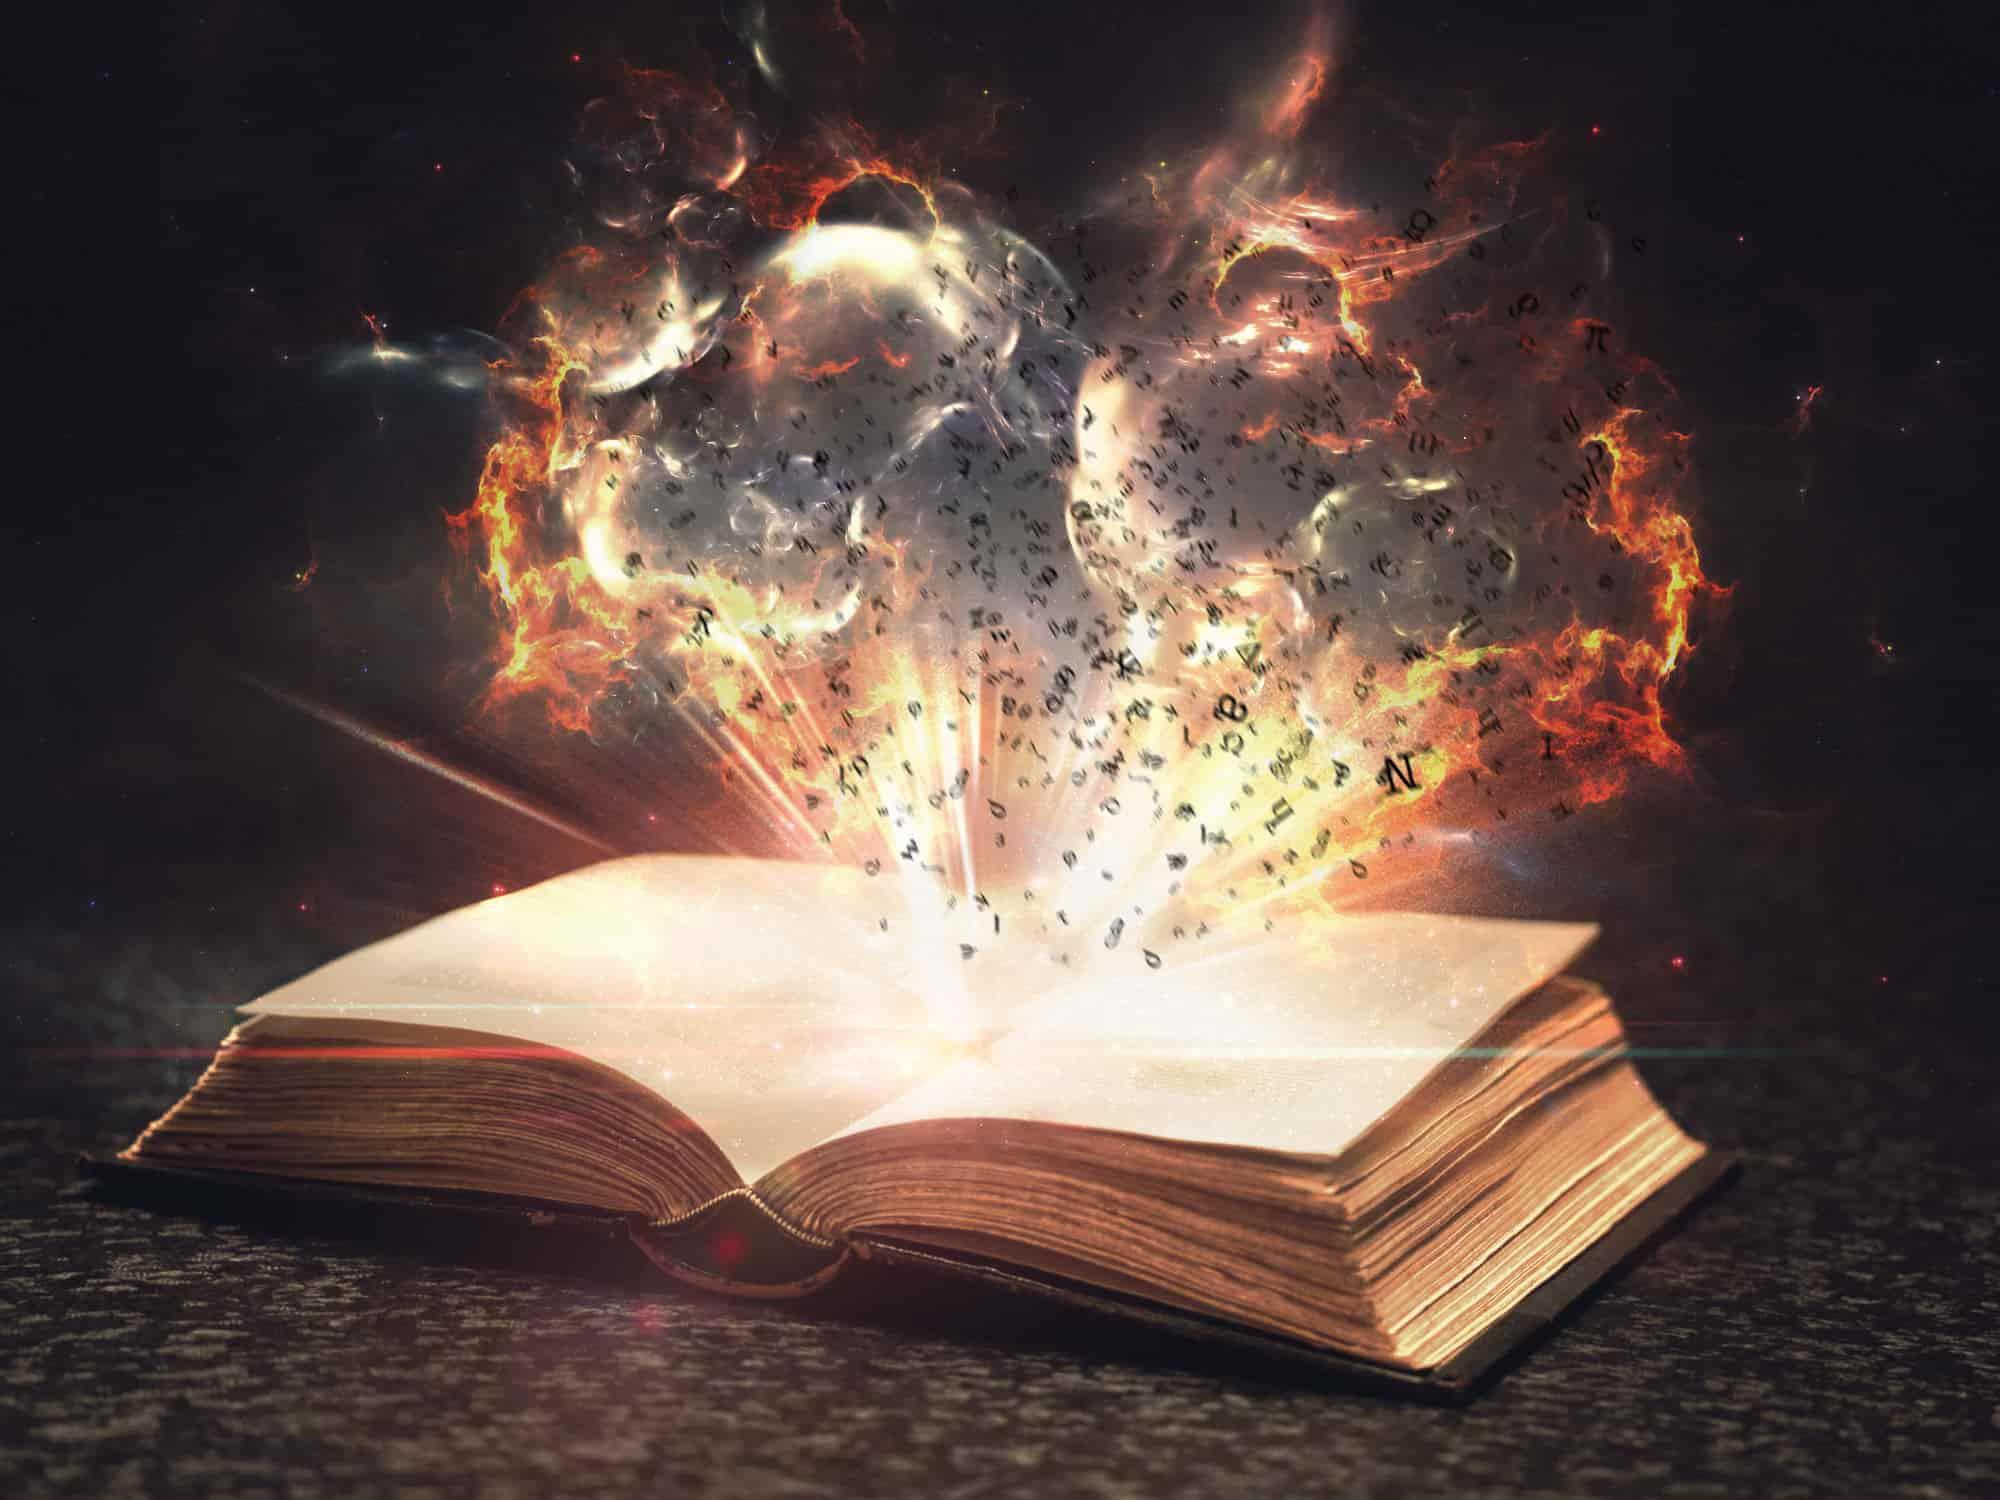 magic_book_by_boordaf-d8rws8n-min